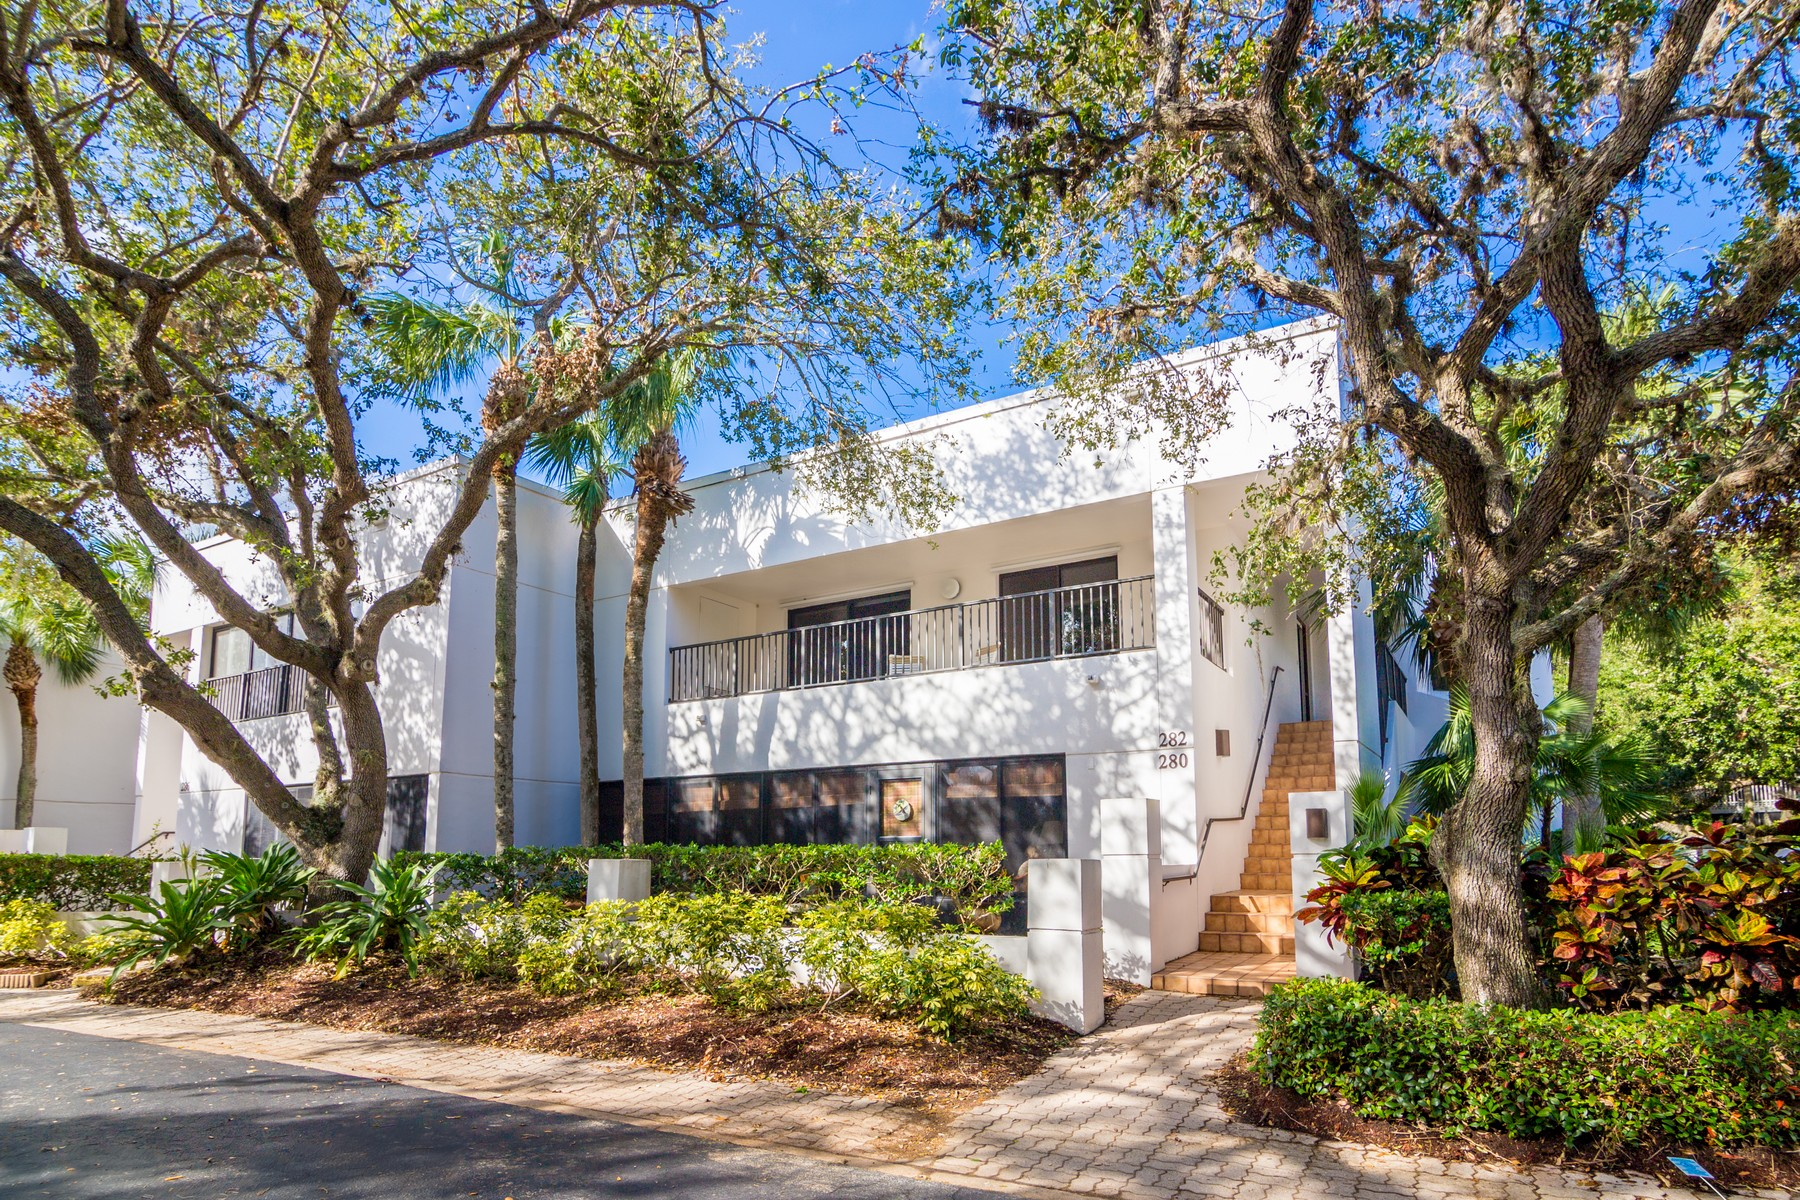 Condominium for Sale at 282 Aquarina Blvd. Melbourne Beach, Florida, 32951 United States